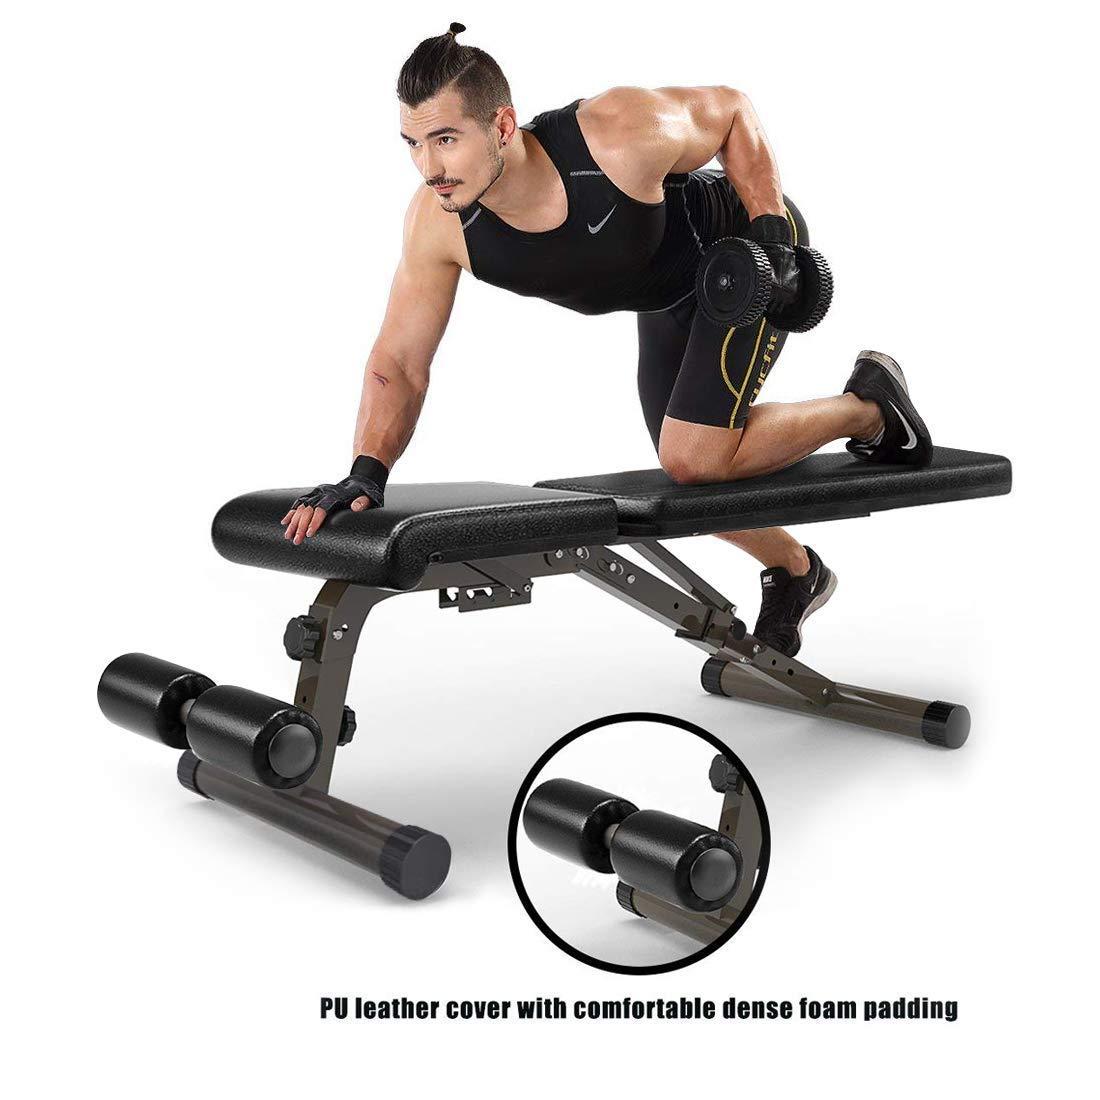 XMark sentado - Banco de pesas Curl xm-7612: Amazon.es: Deportes y aire libre